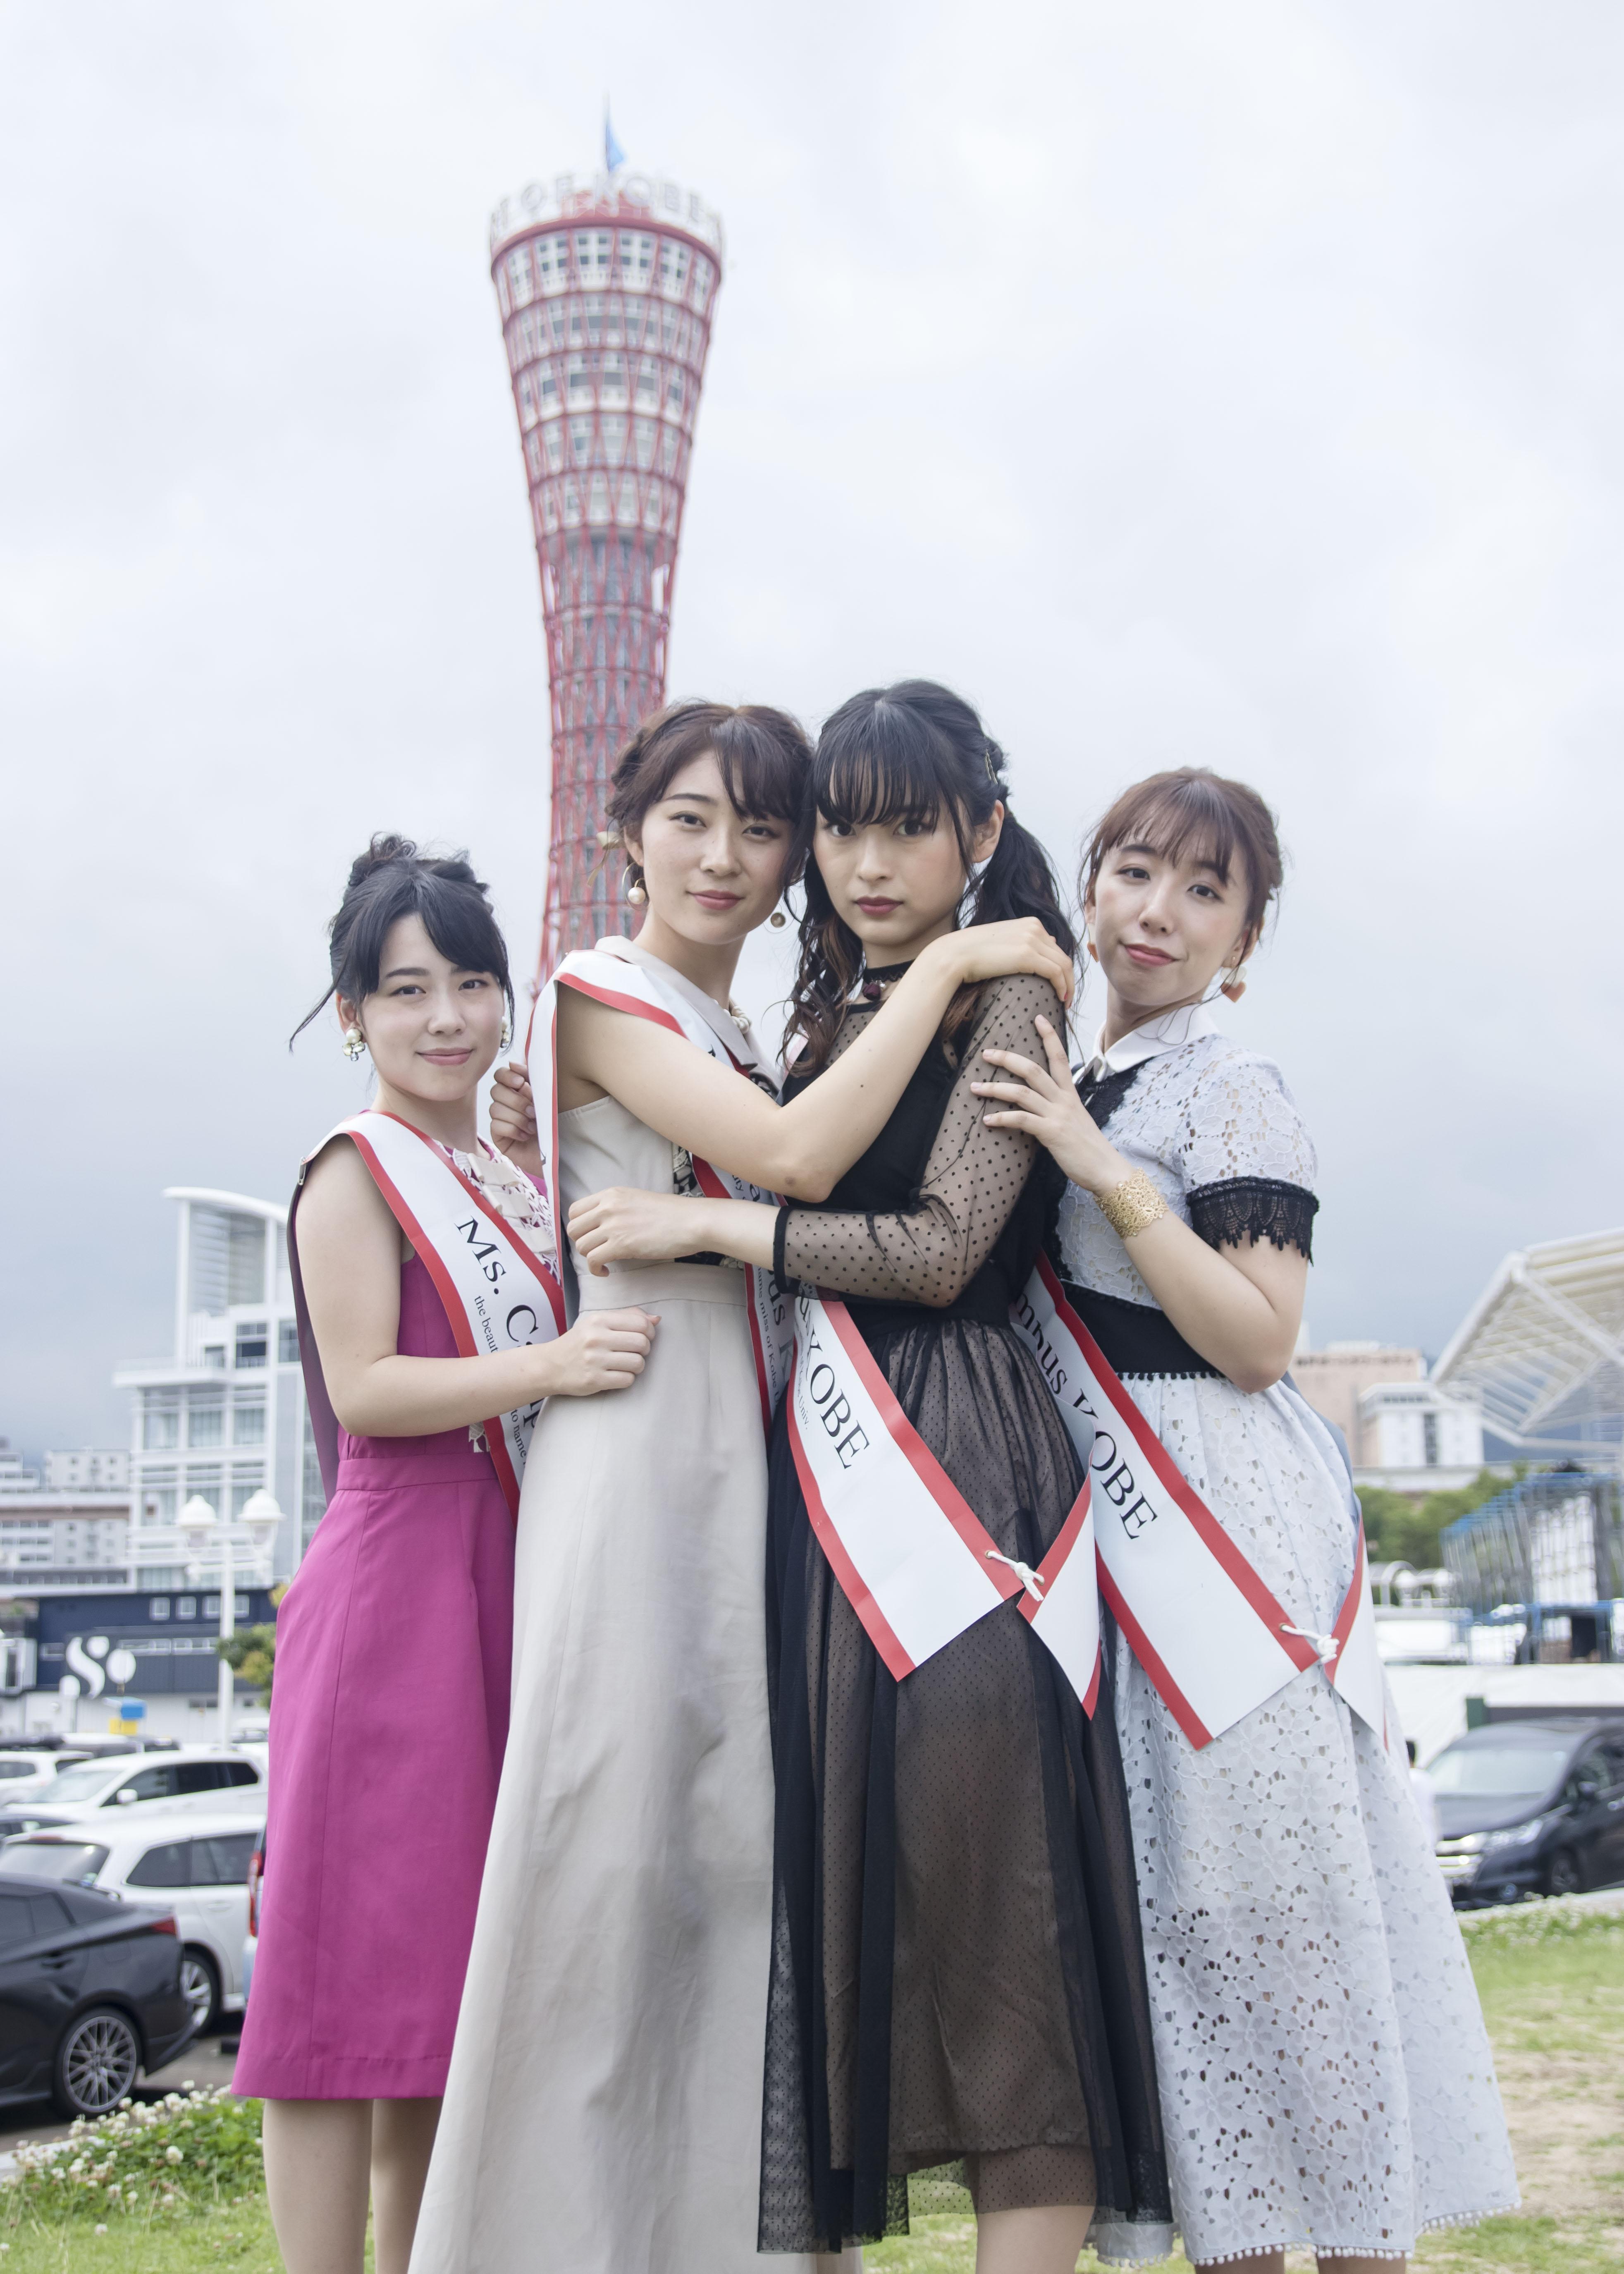 みなとまつり 神戸タワーと